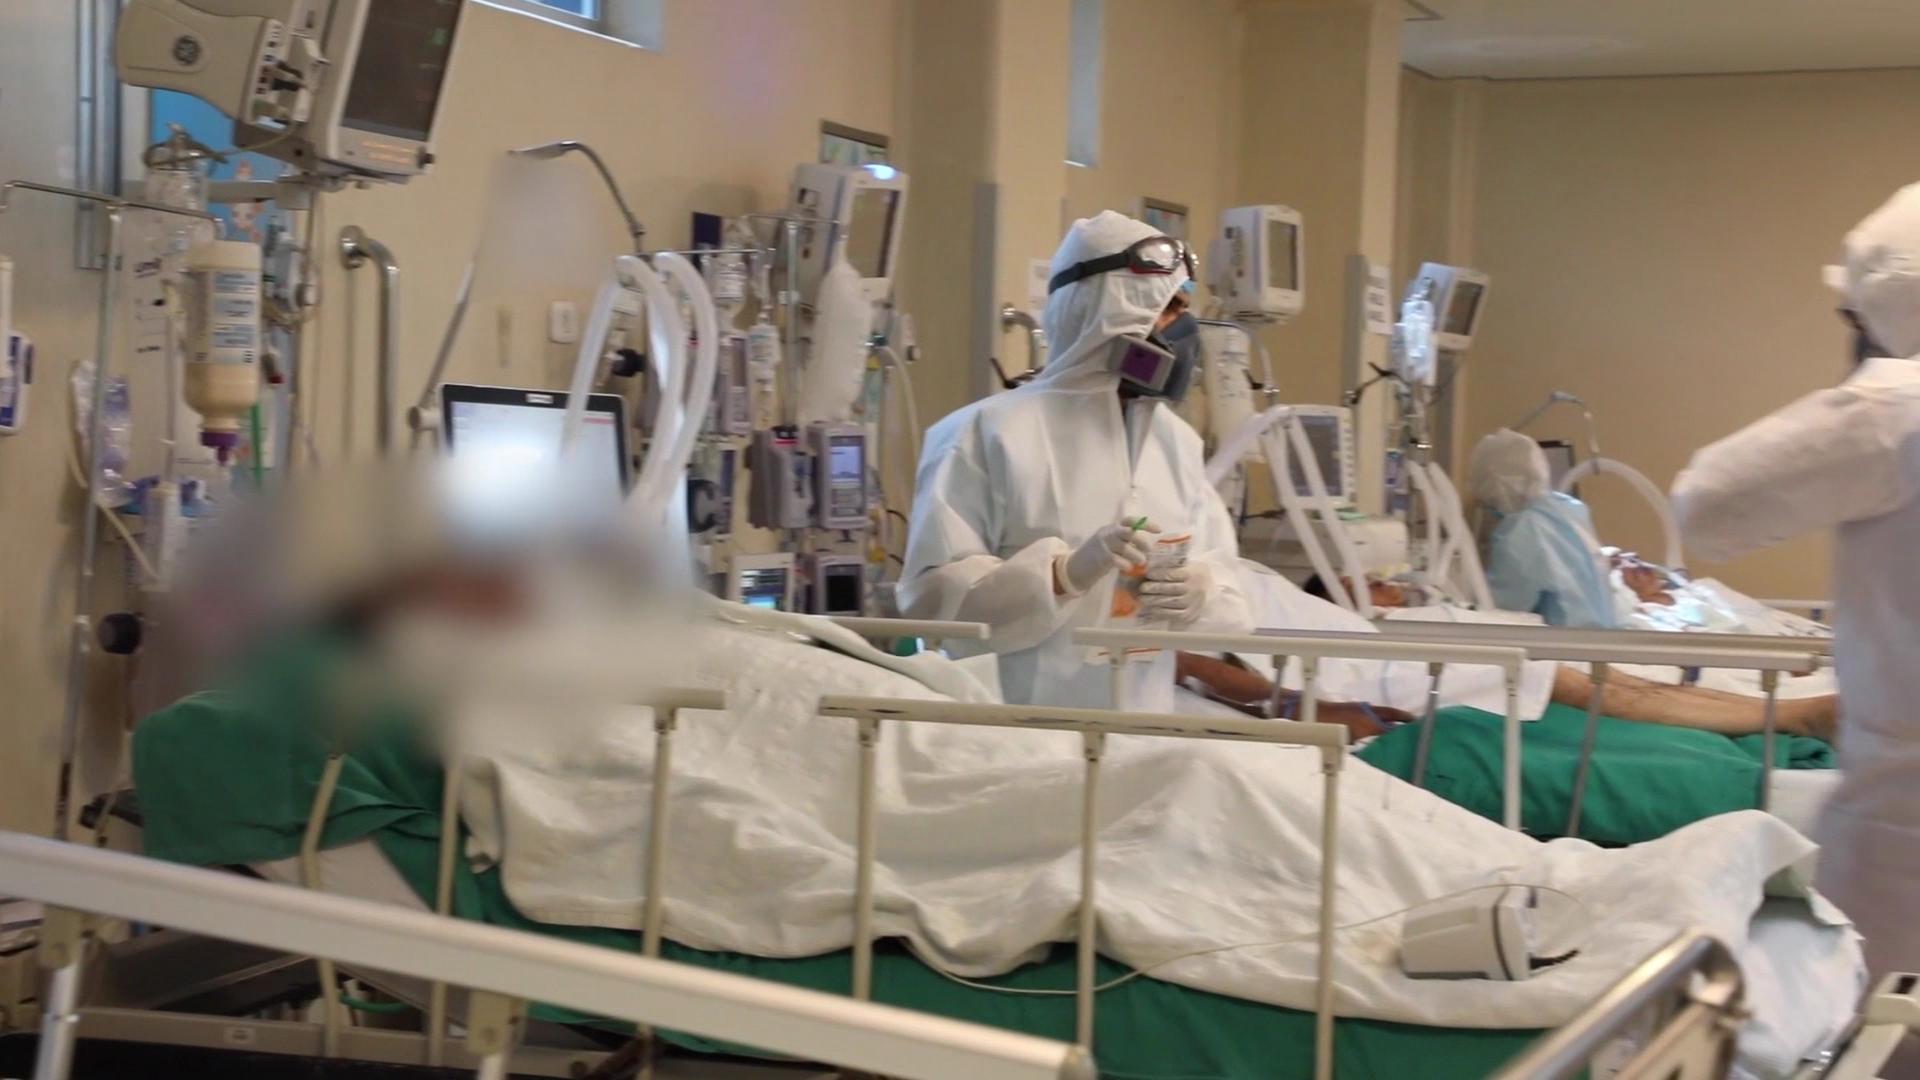 """Veo una situación catastrófica"""", dicen médicos en Perú sobre la crisis hospitalaria por el covid-19 - CNN Video"""